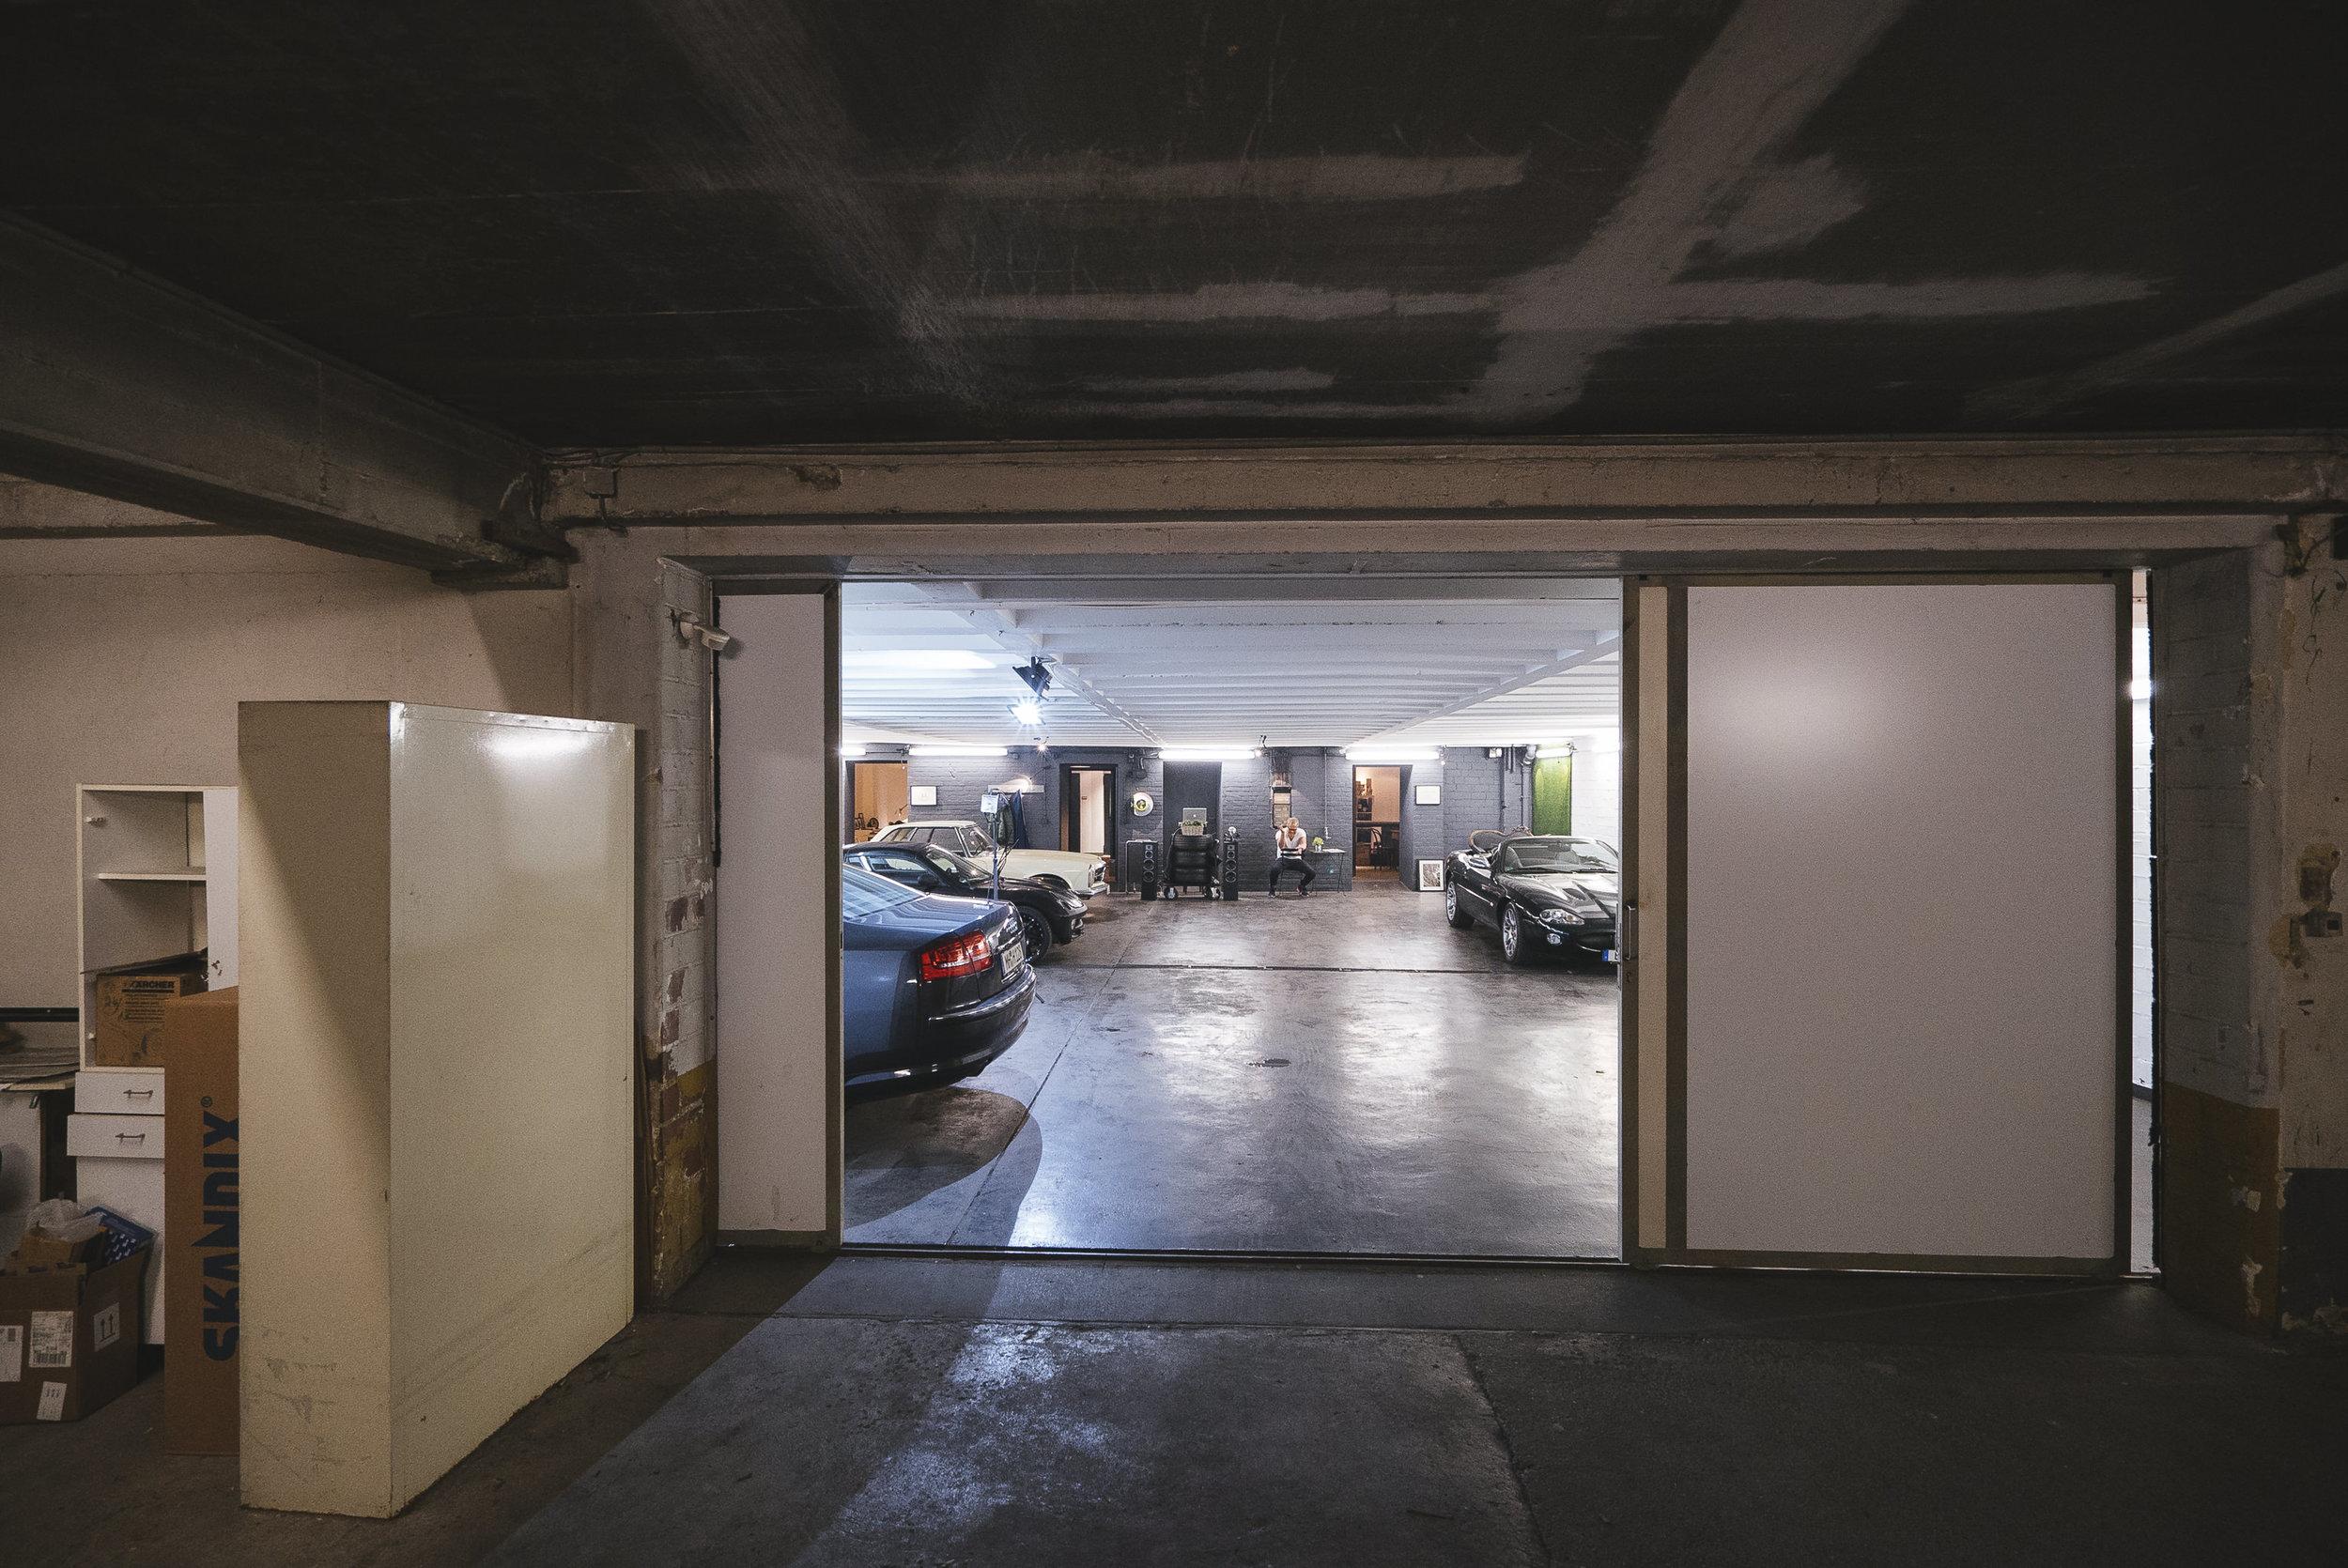 peter-schneider-garage13-essen-pottspott-01.jpg